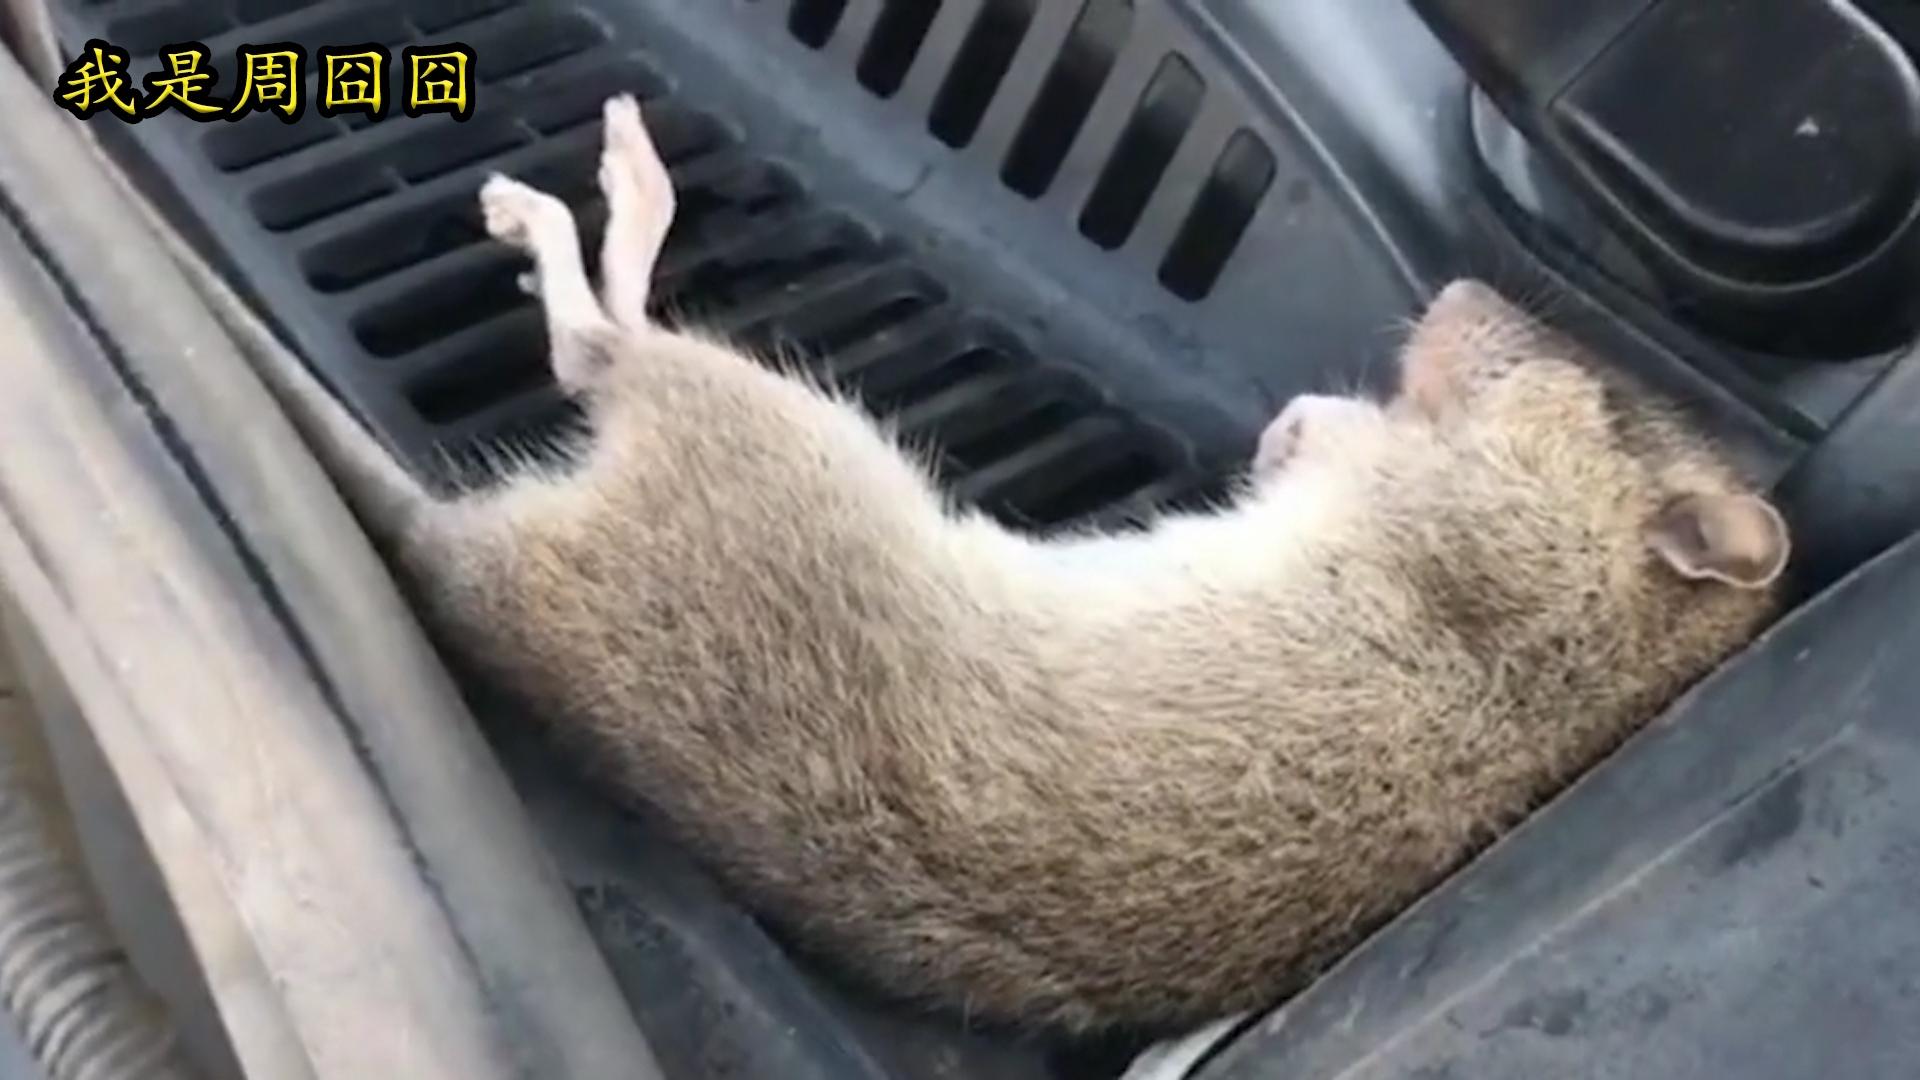 老鼠:别叫了,不就睡你引擎盖吗!